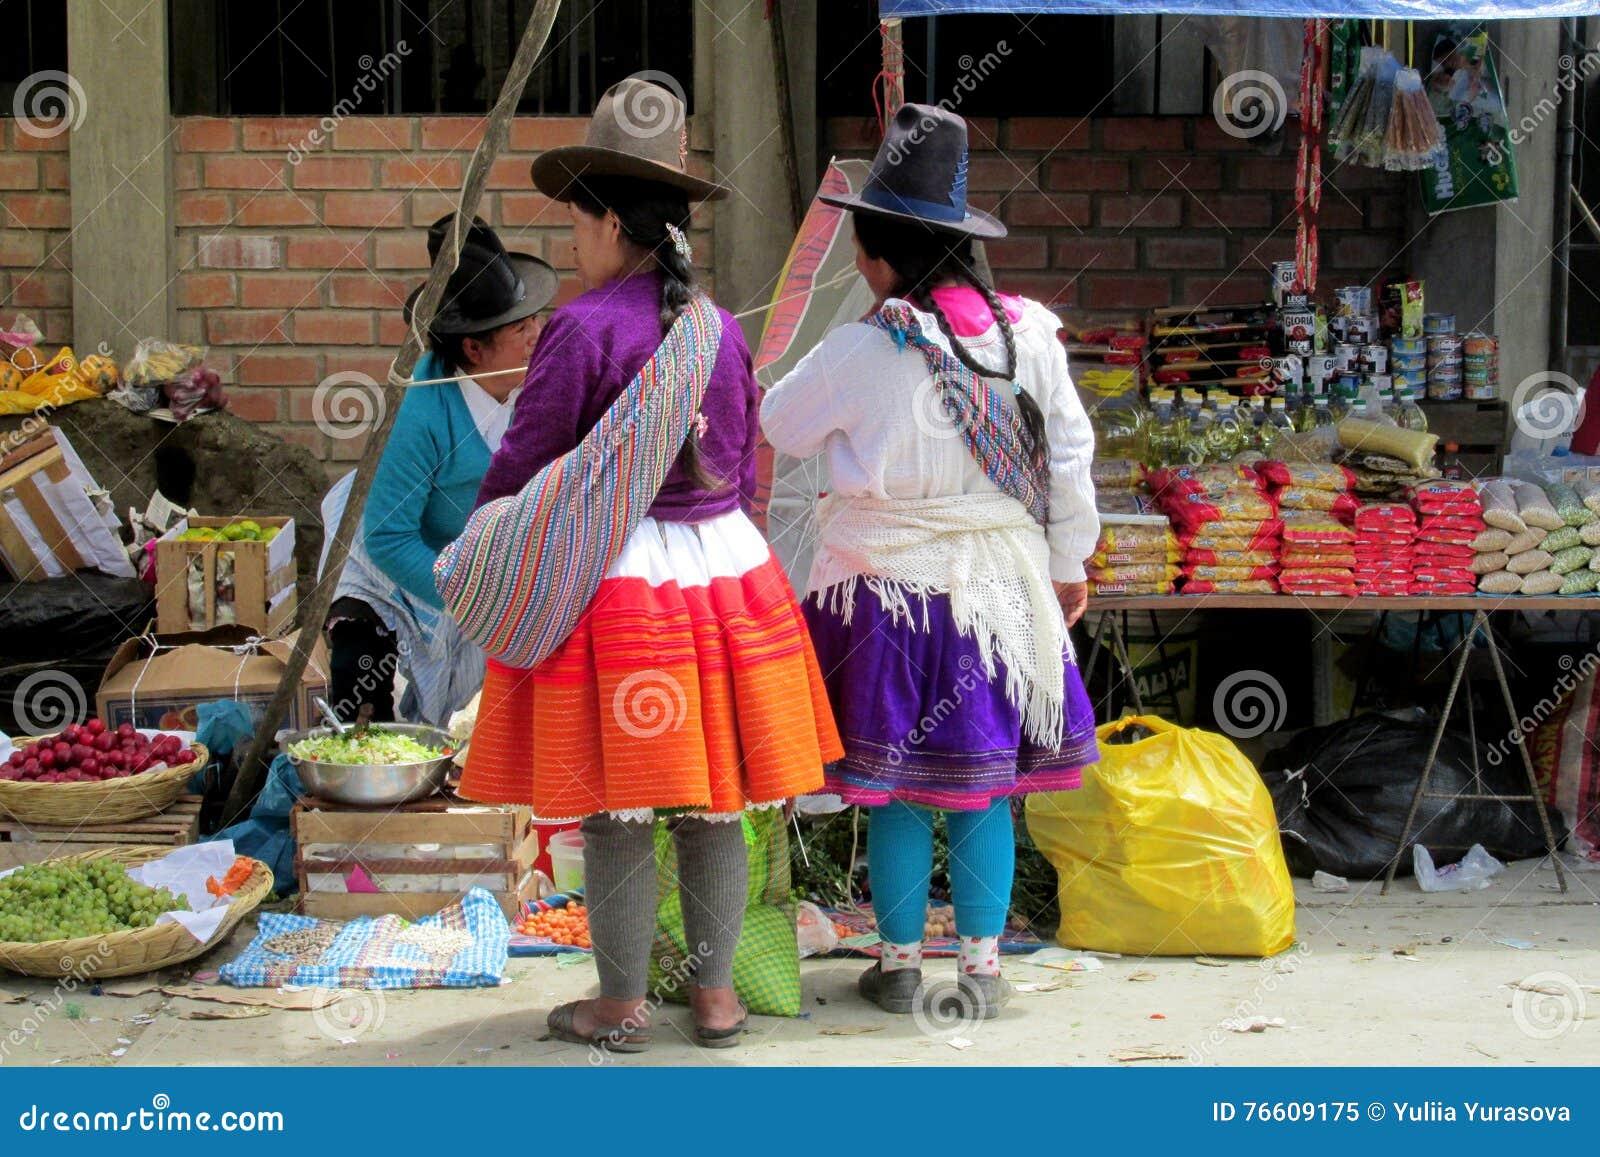 Mujeres En Bolivia Y Ropa Y Sombreros Tradicionales De Perú Imagen ... f0225c5e407